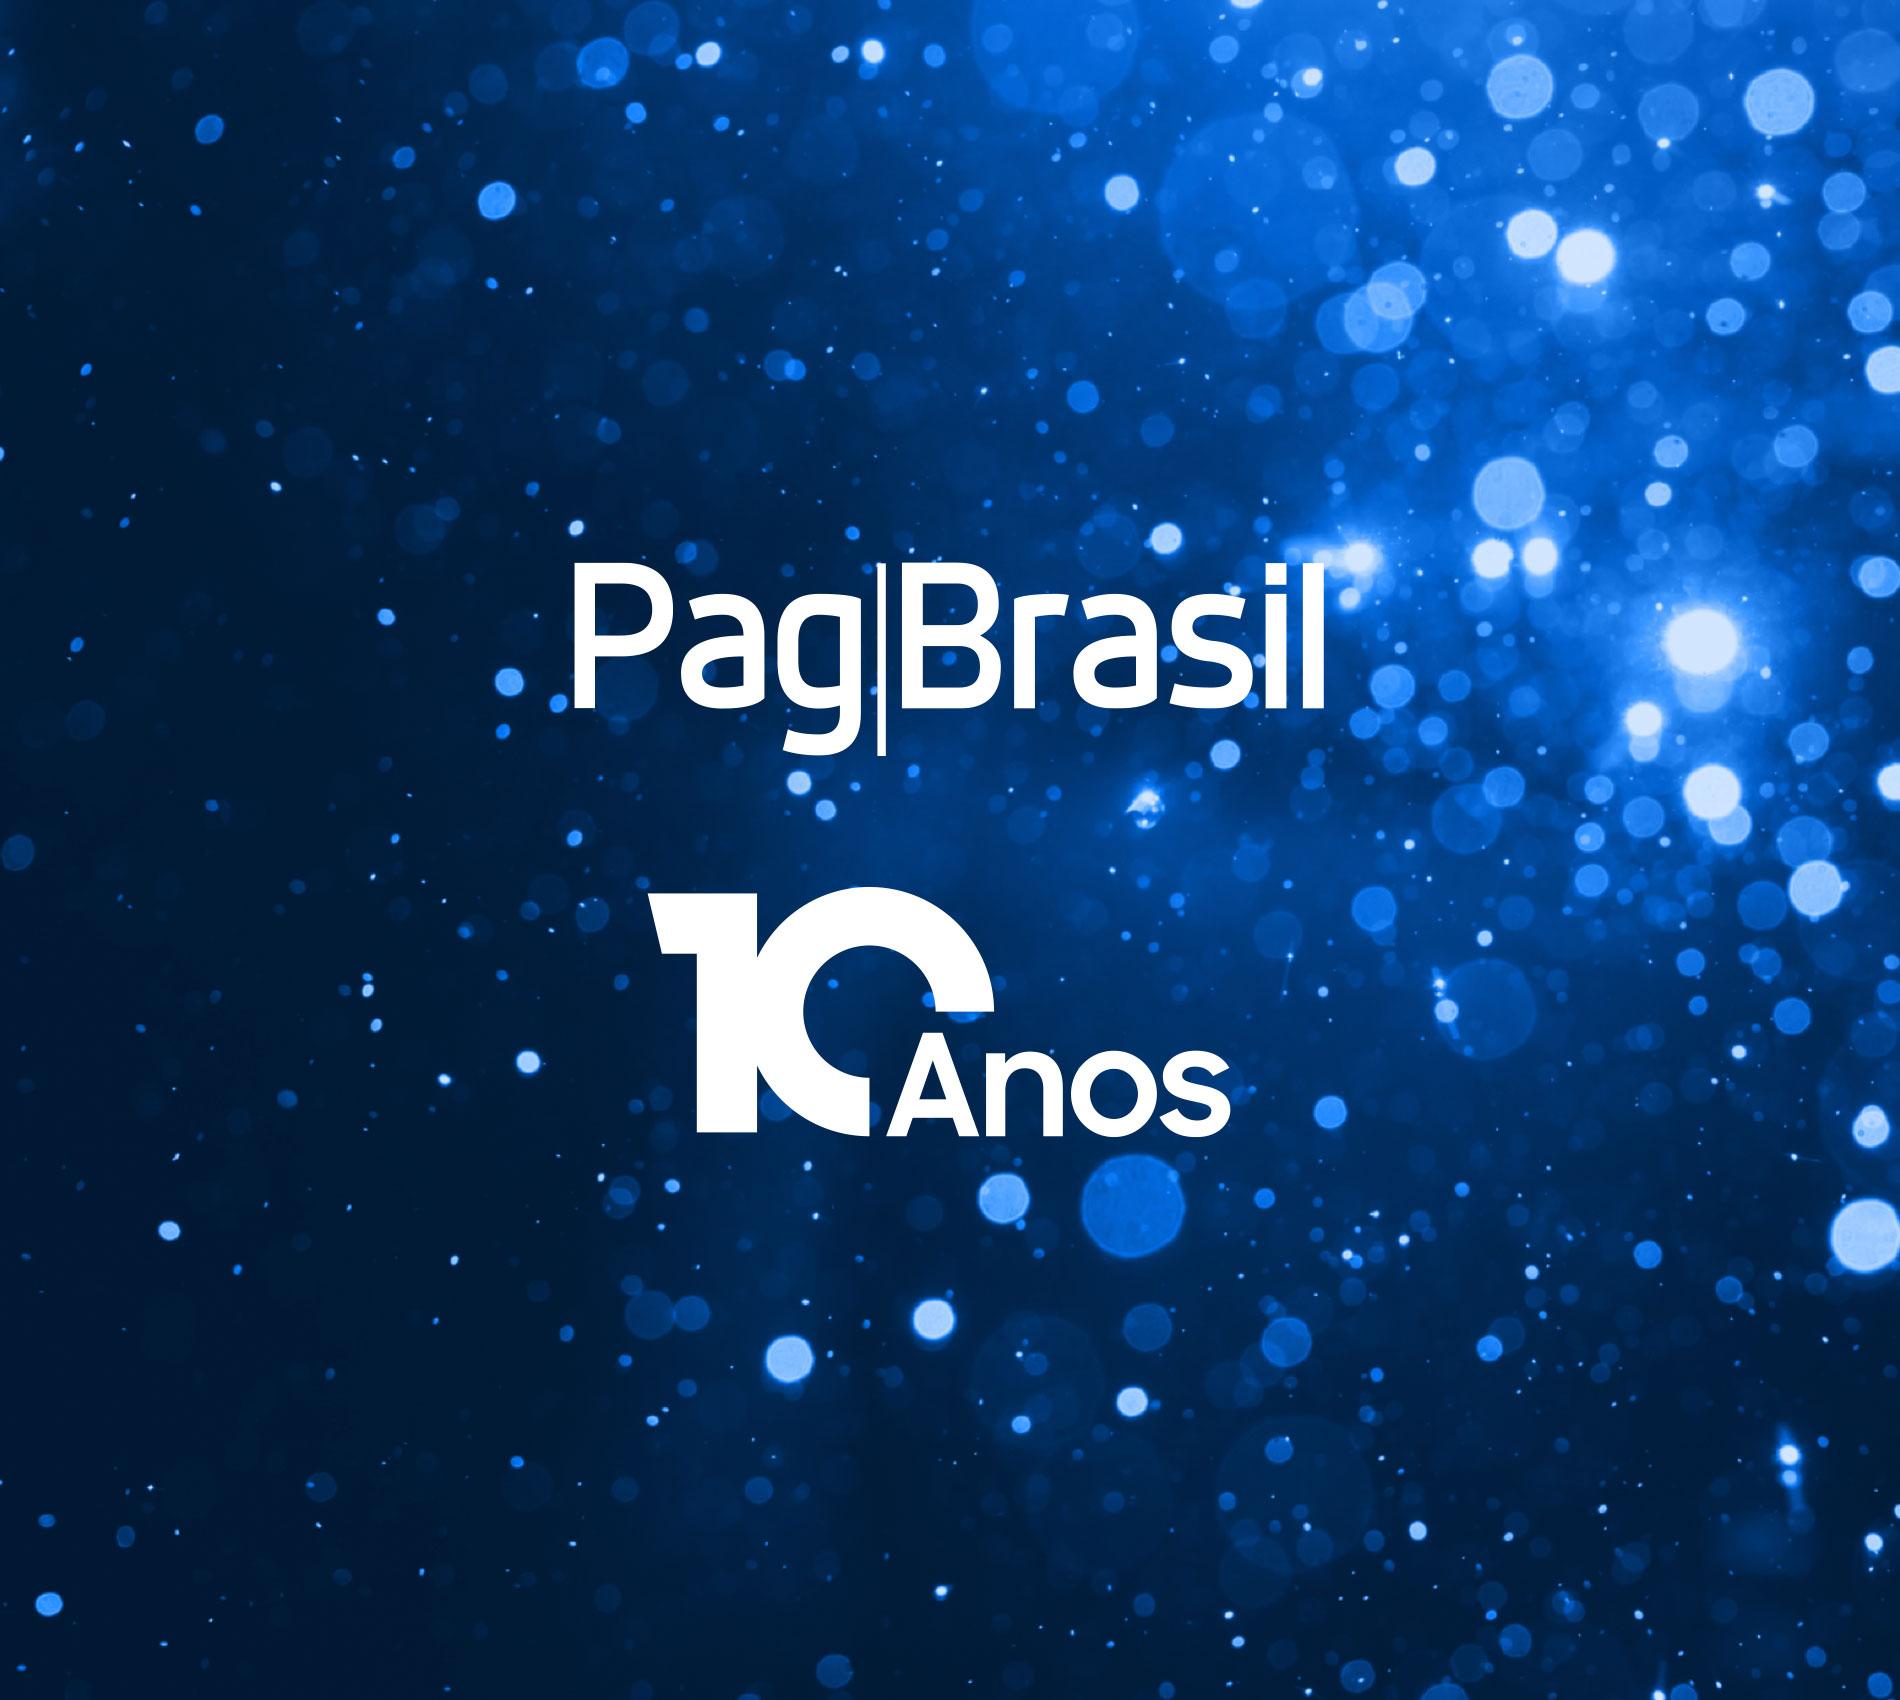 10 anos da PagBrasil: integrando o Brasil com o mundo